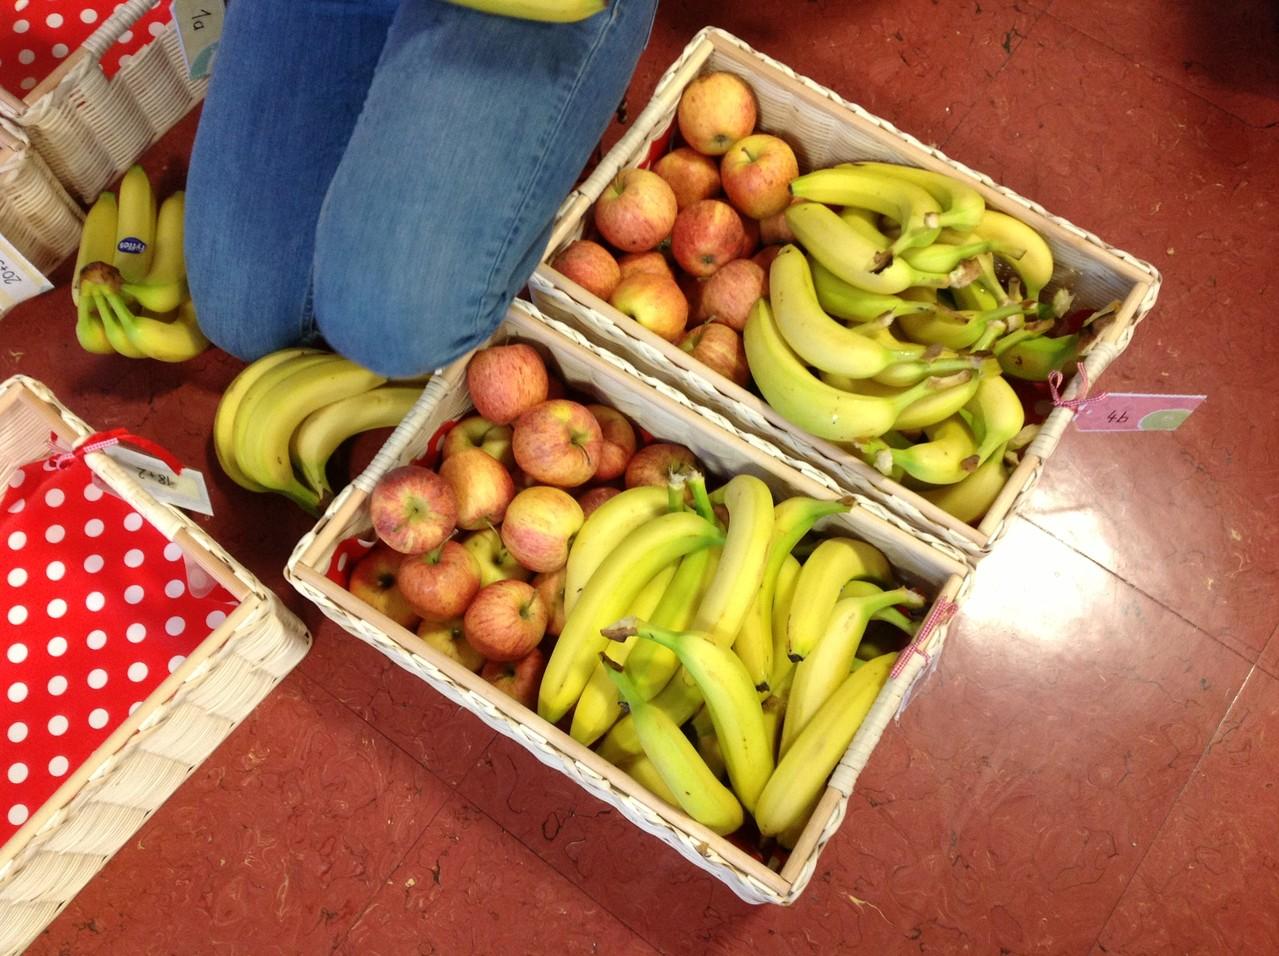 Jede Klasse bekommt ein Körbchen mit Bananen und Äpfel